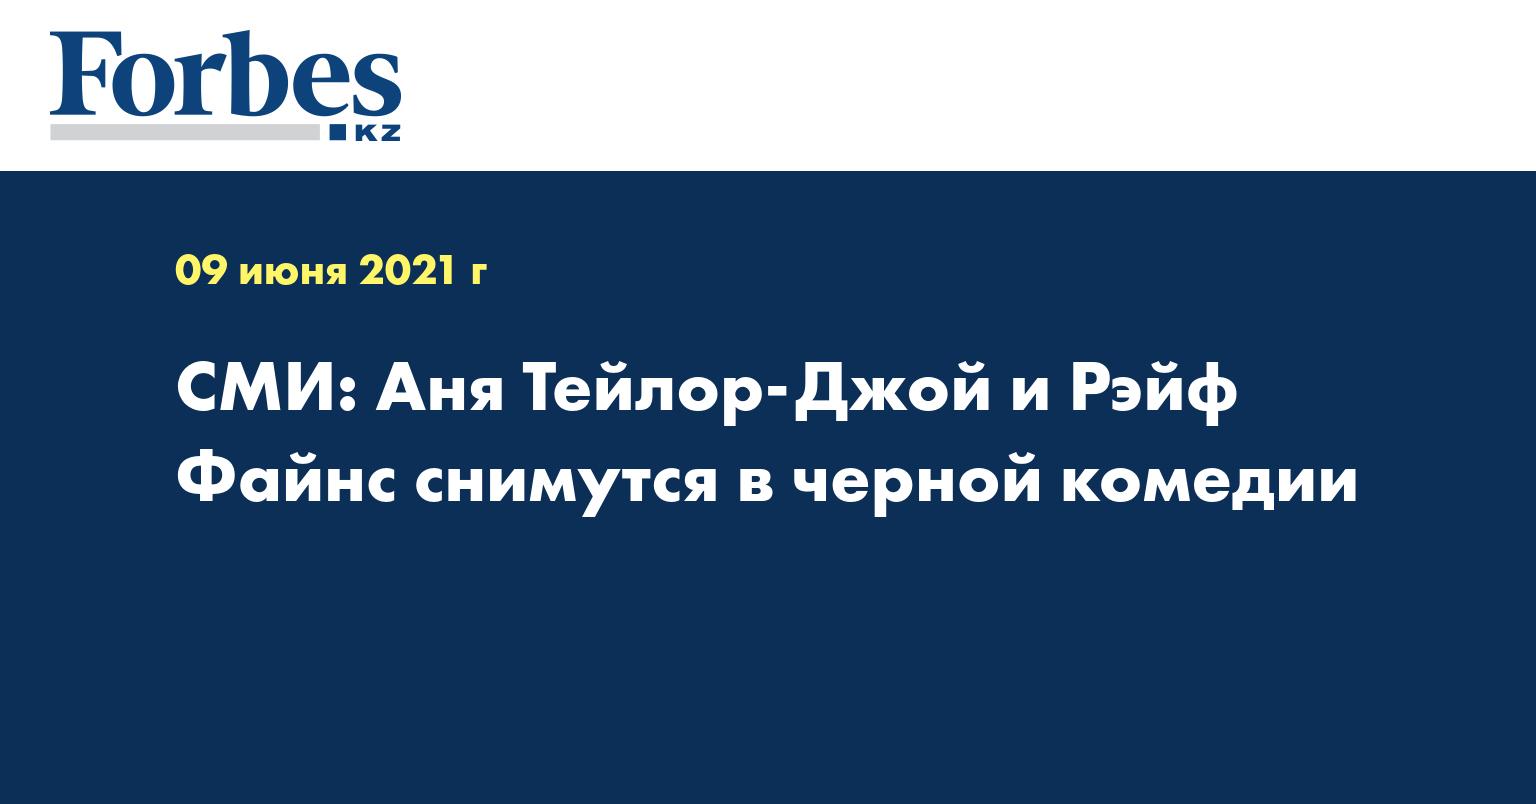 СМИ: Аня Тейлор-Джой и Рэйф Файнс снимутся в черной комедии